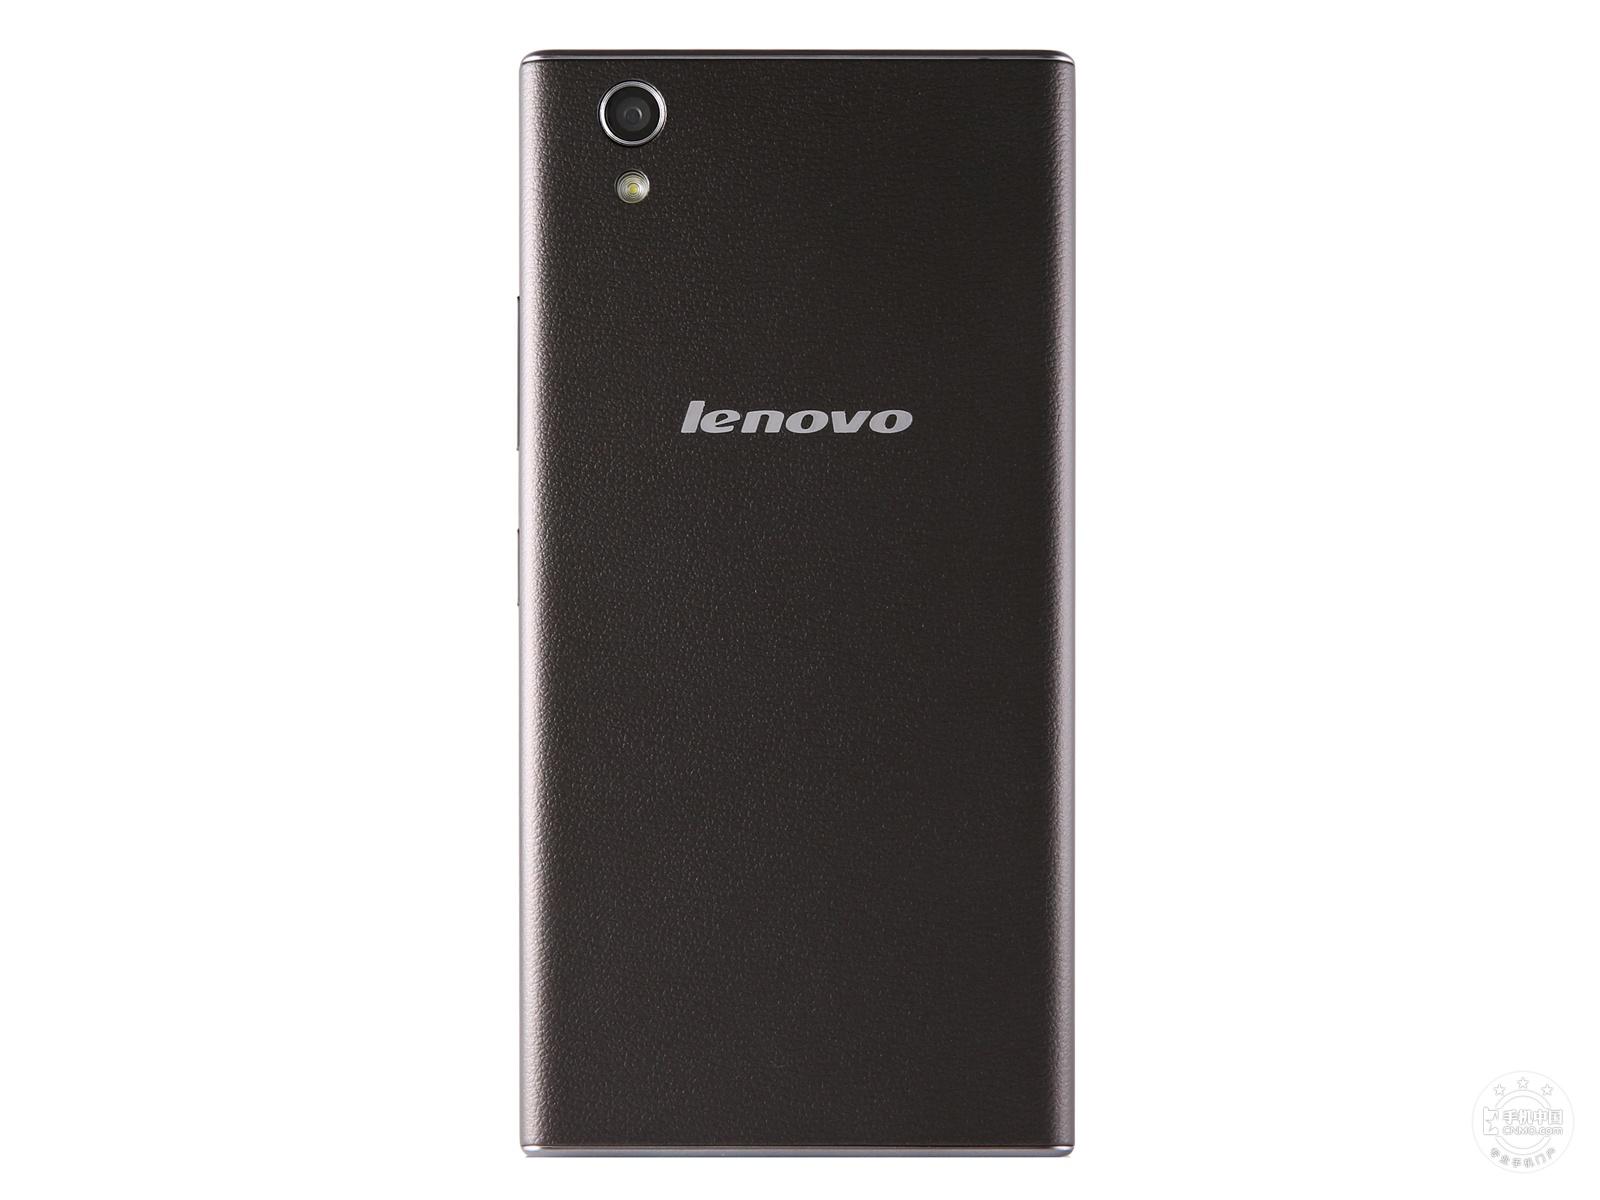 联想P70(8GB)产品本身外观第5张